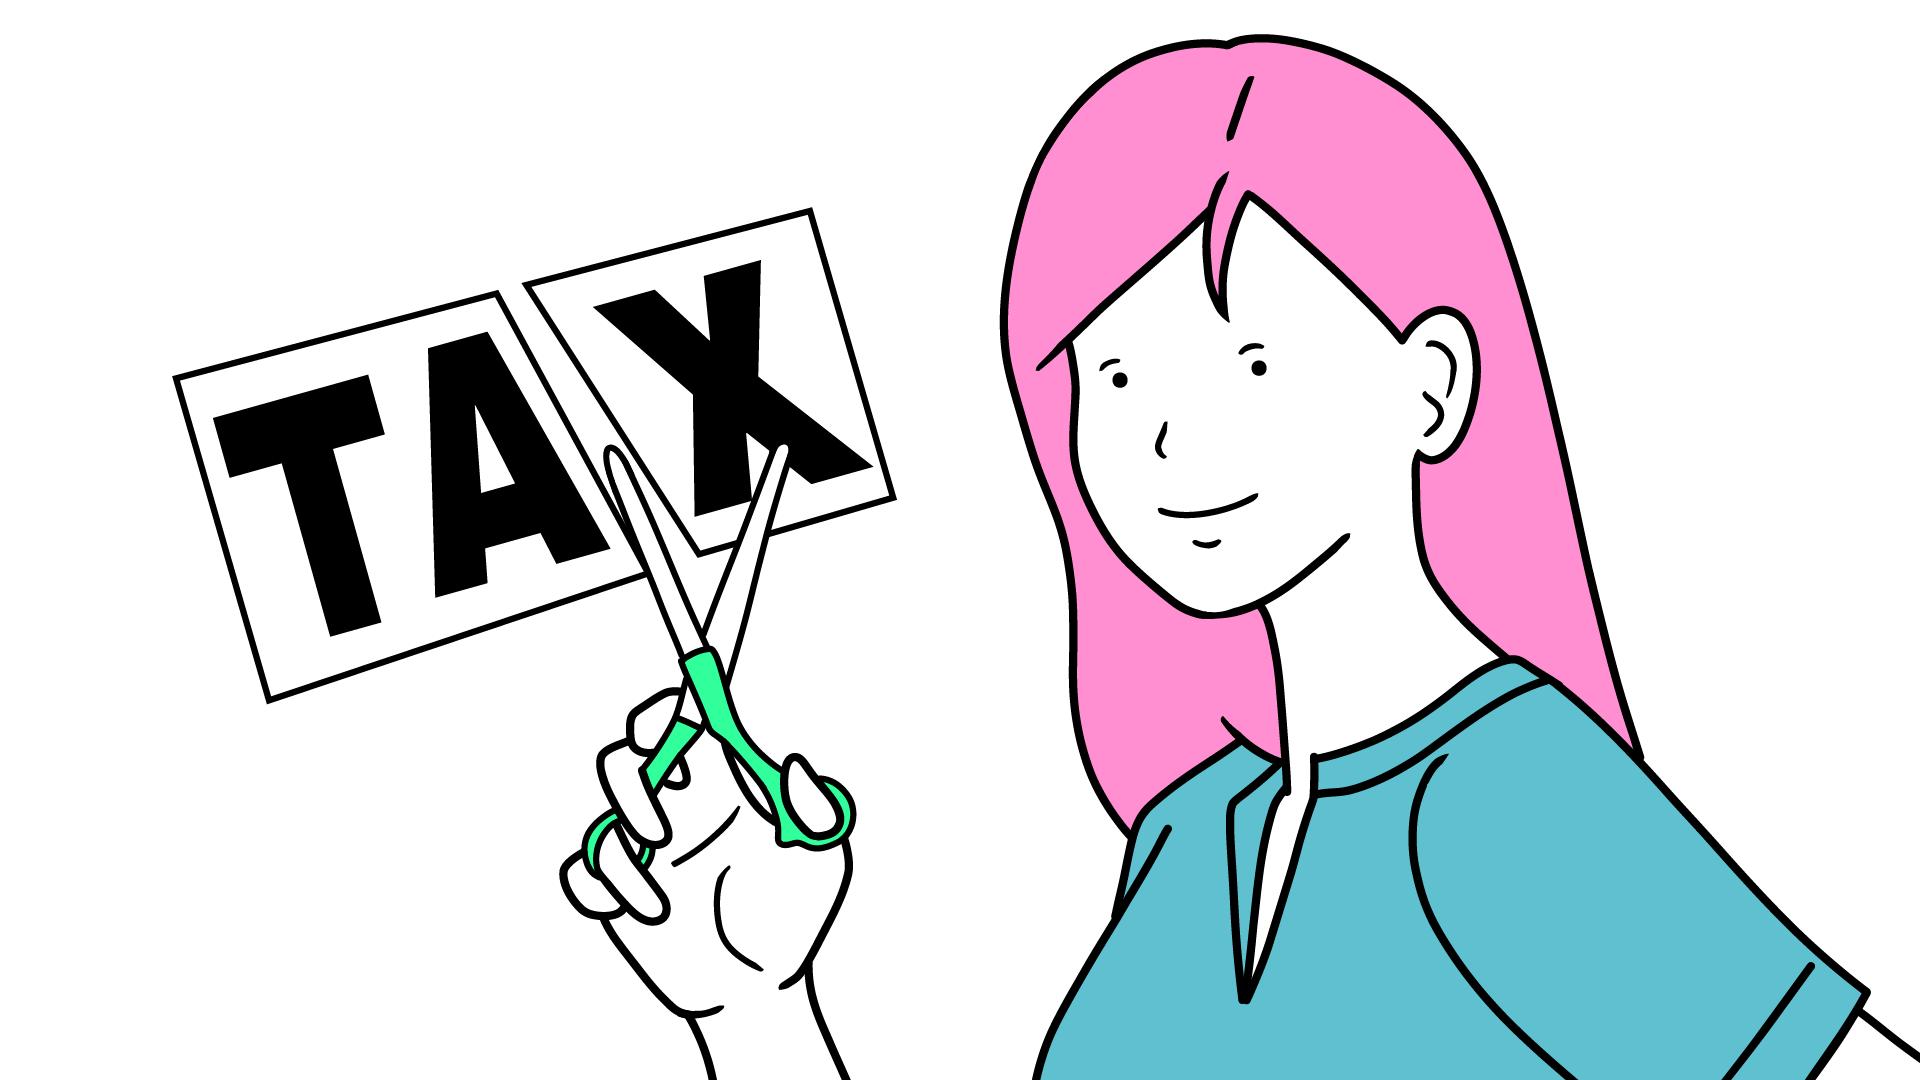 【経営者はこうやってグルメになってます】経費をミカタに!フリーランスなら徹底して節税するべし!